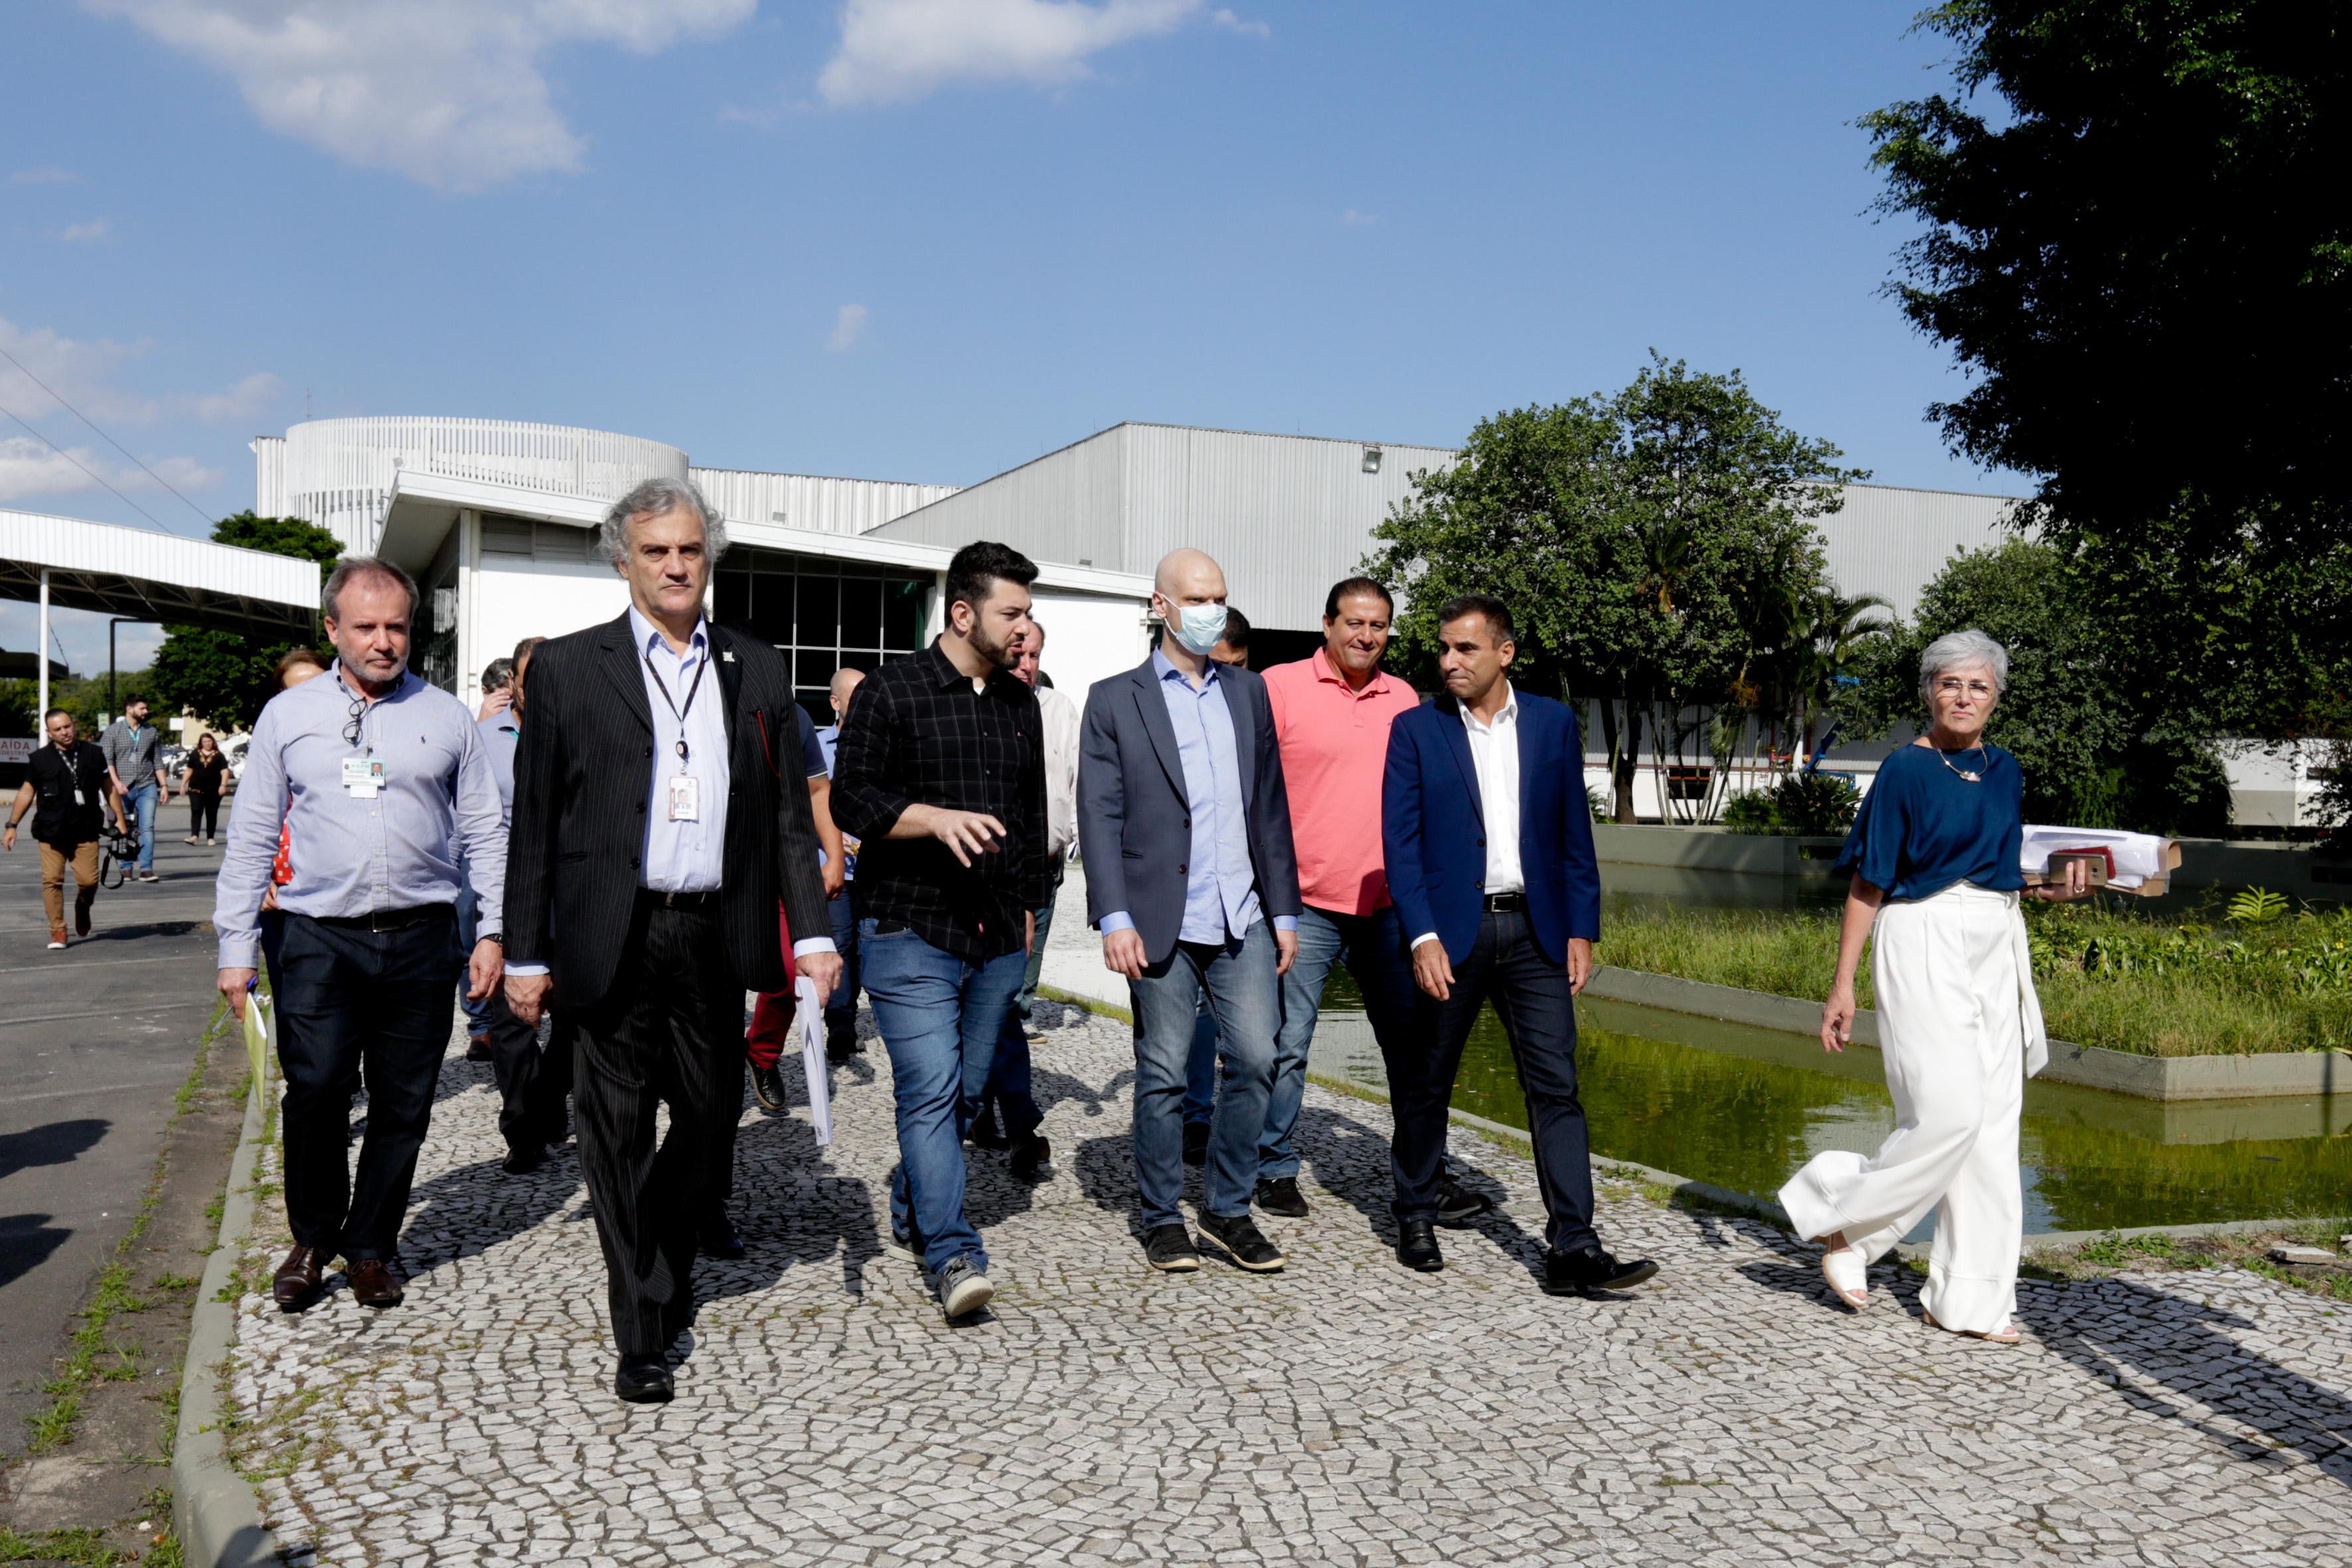 Visita do prefeito Bruno Covas ao Hospital de Campanha do Anhembi. Foto: Jose Cordeiro/ SPTuris.